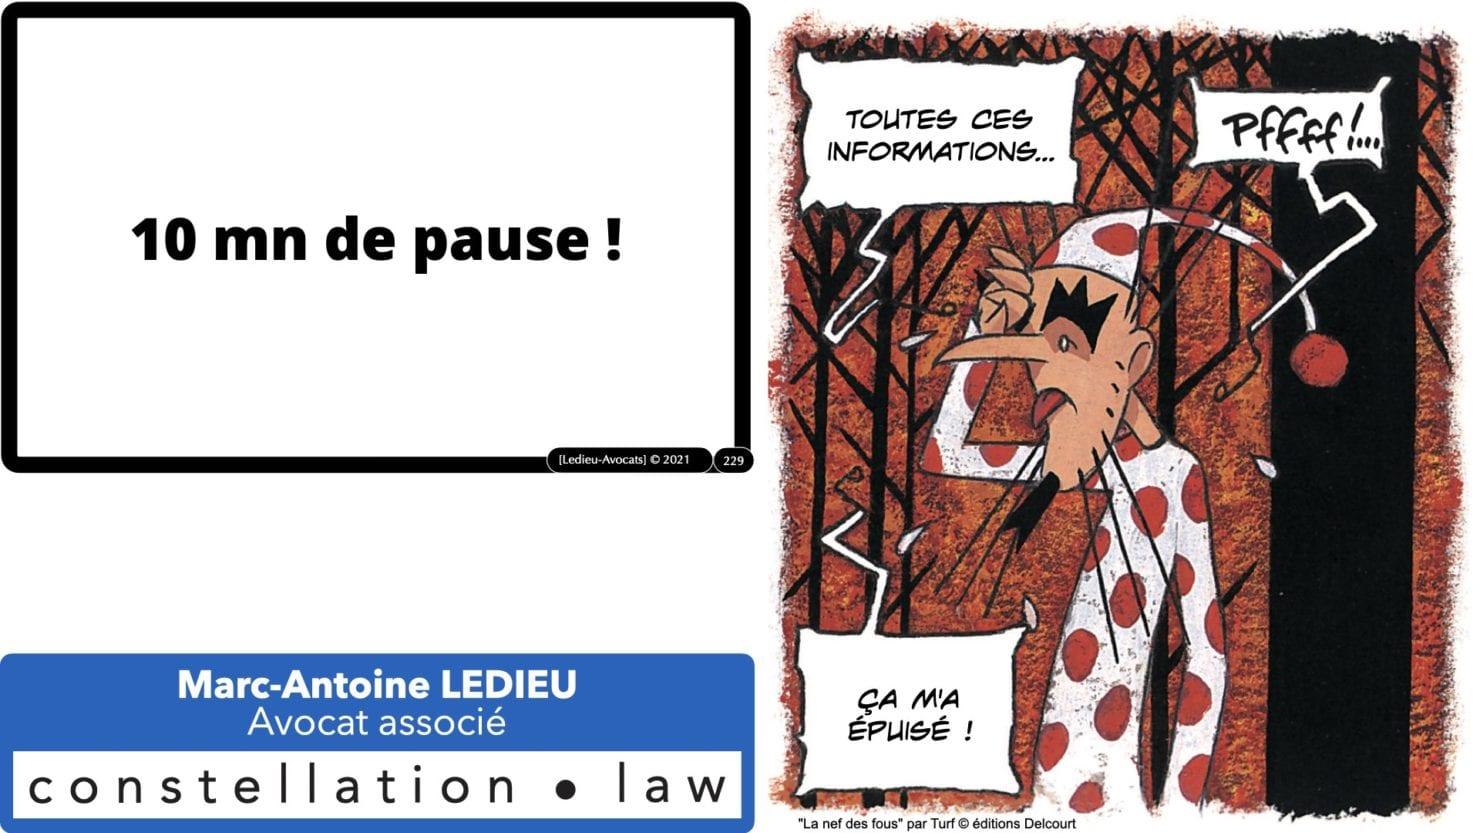 333 CYBER ATTAQUE responsabilité pénale civile contrat © Ledieu-Avocats 23-05-2021.229